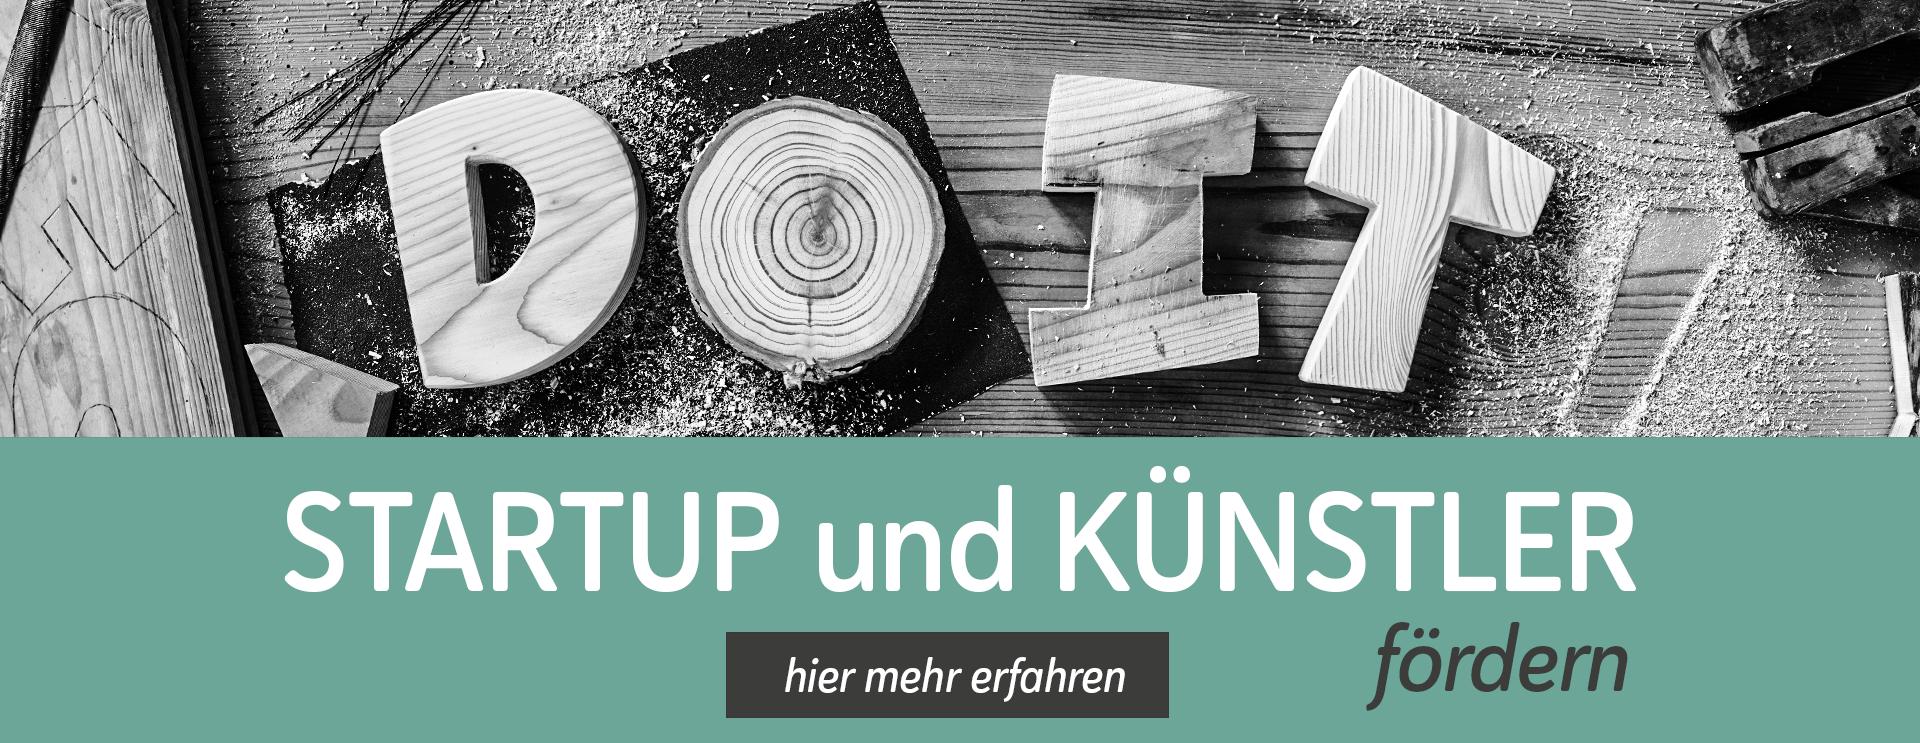 bild_kuenstler_startup_foerdern